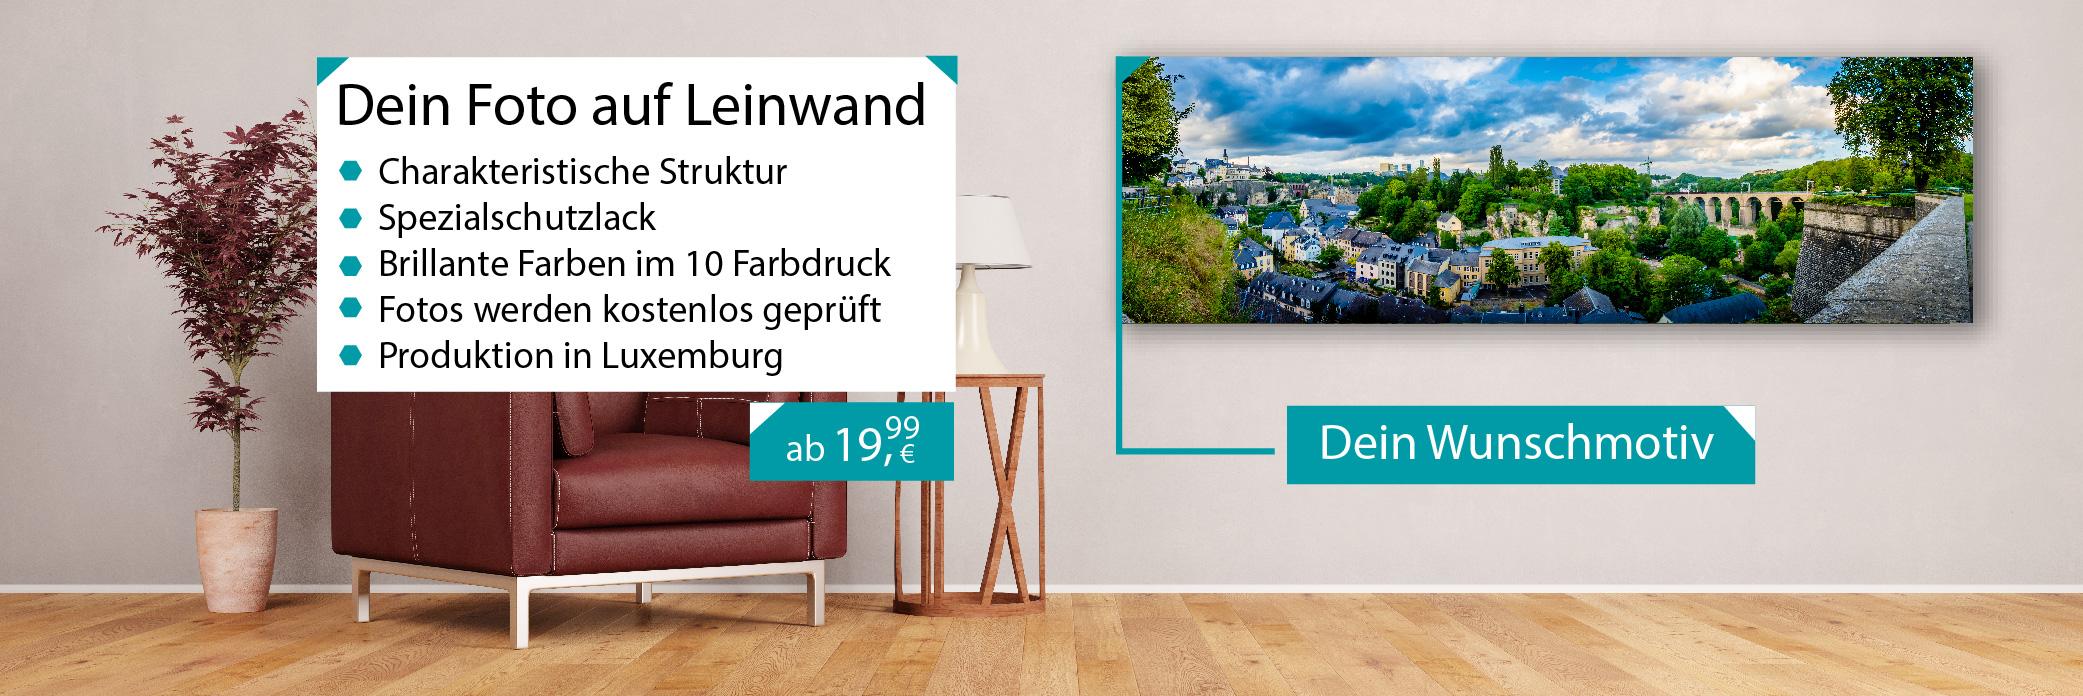 Fotoleinwand bedrucken lassen, personalisierte Geschenke Luxemburg günstig